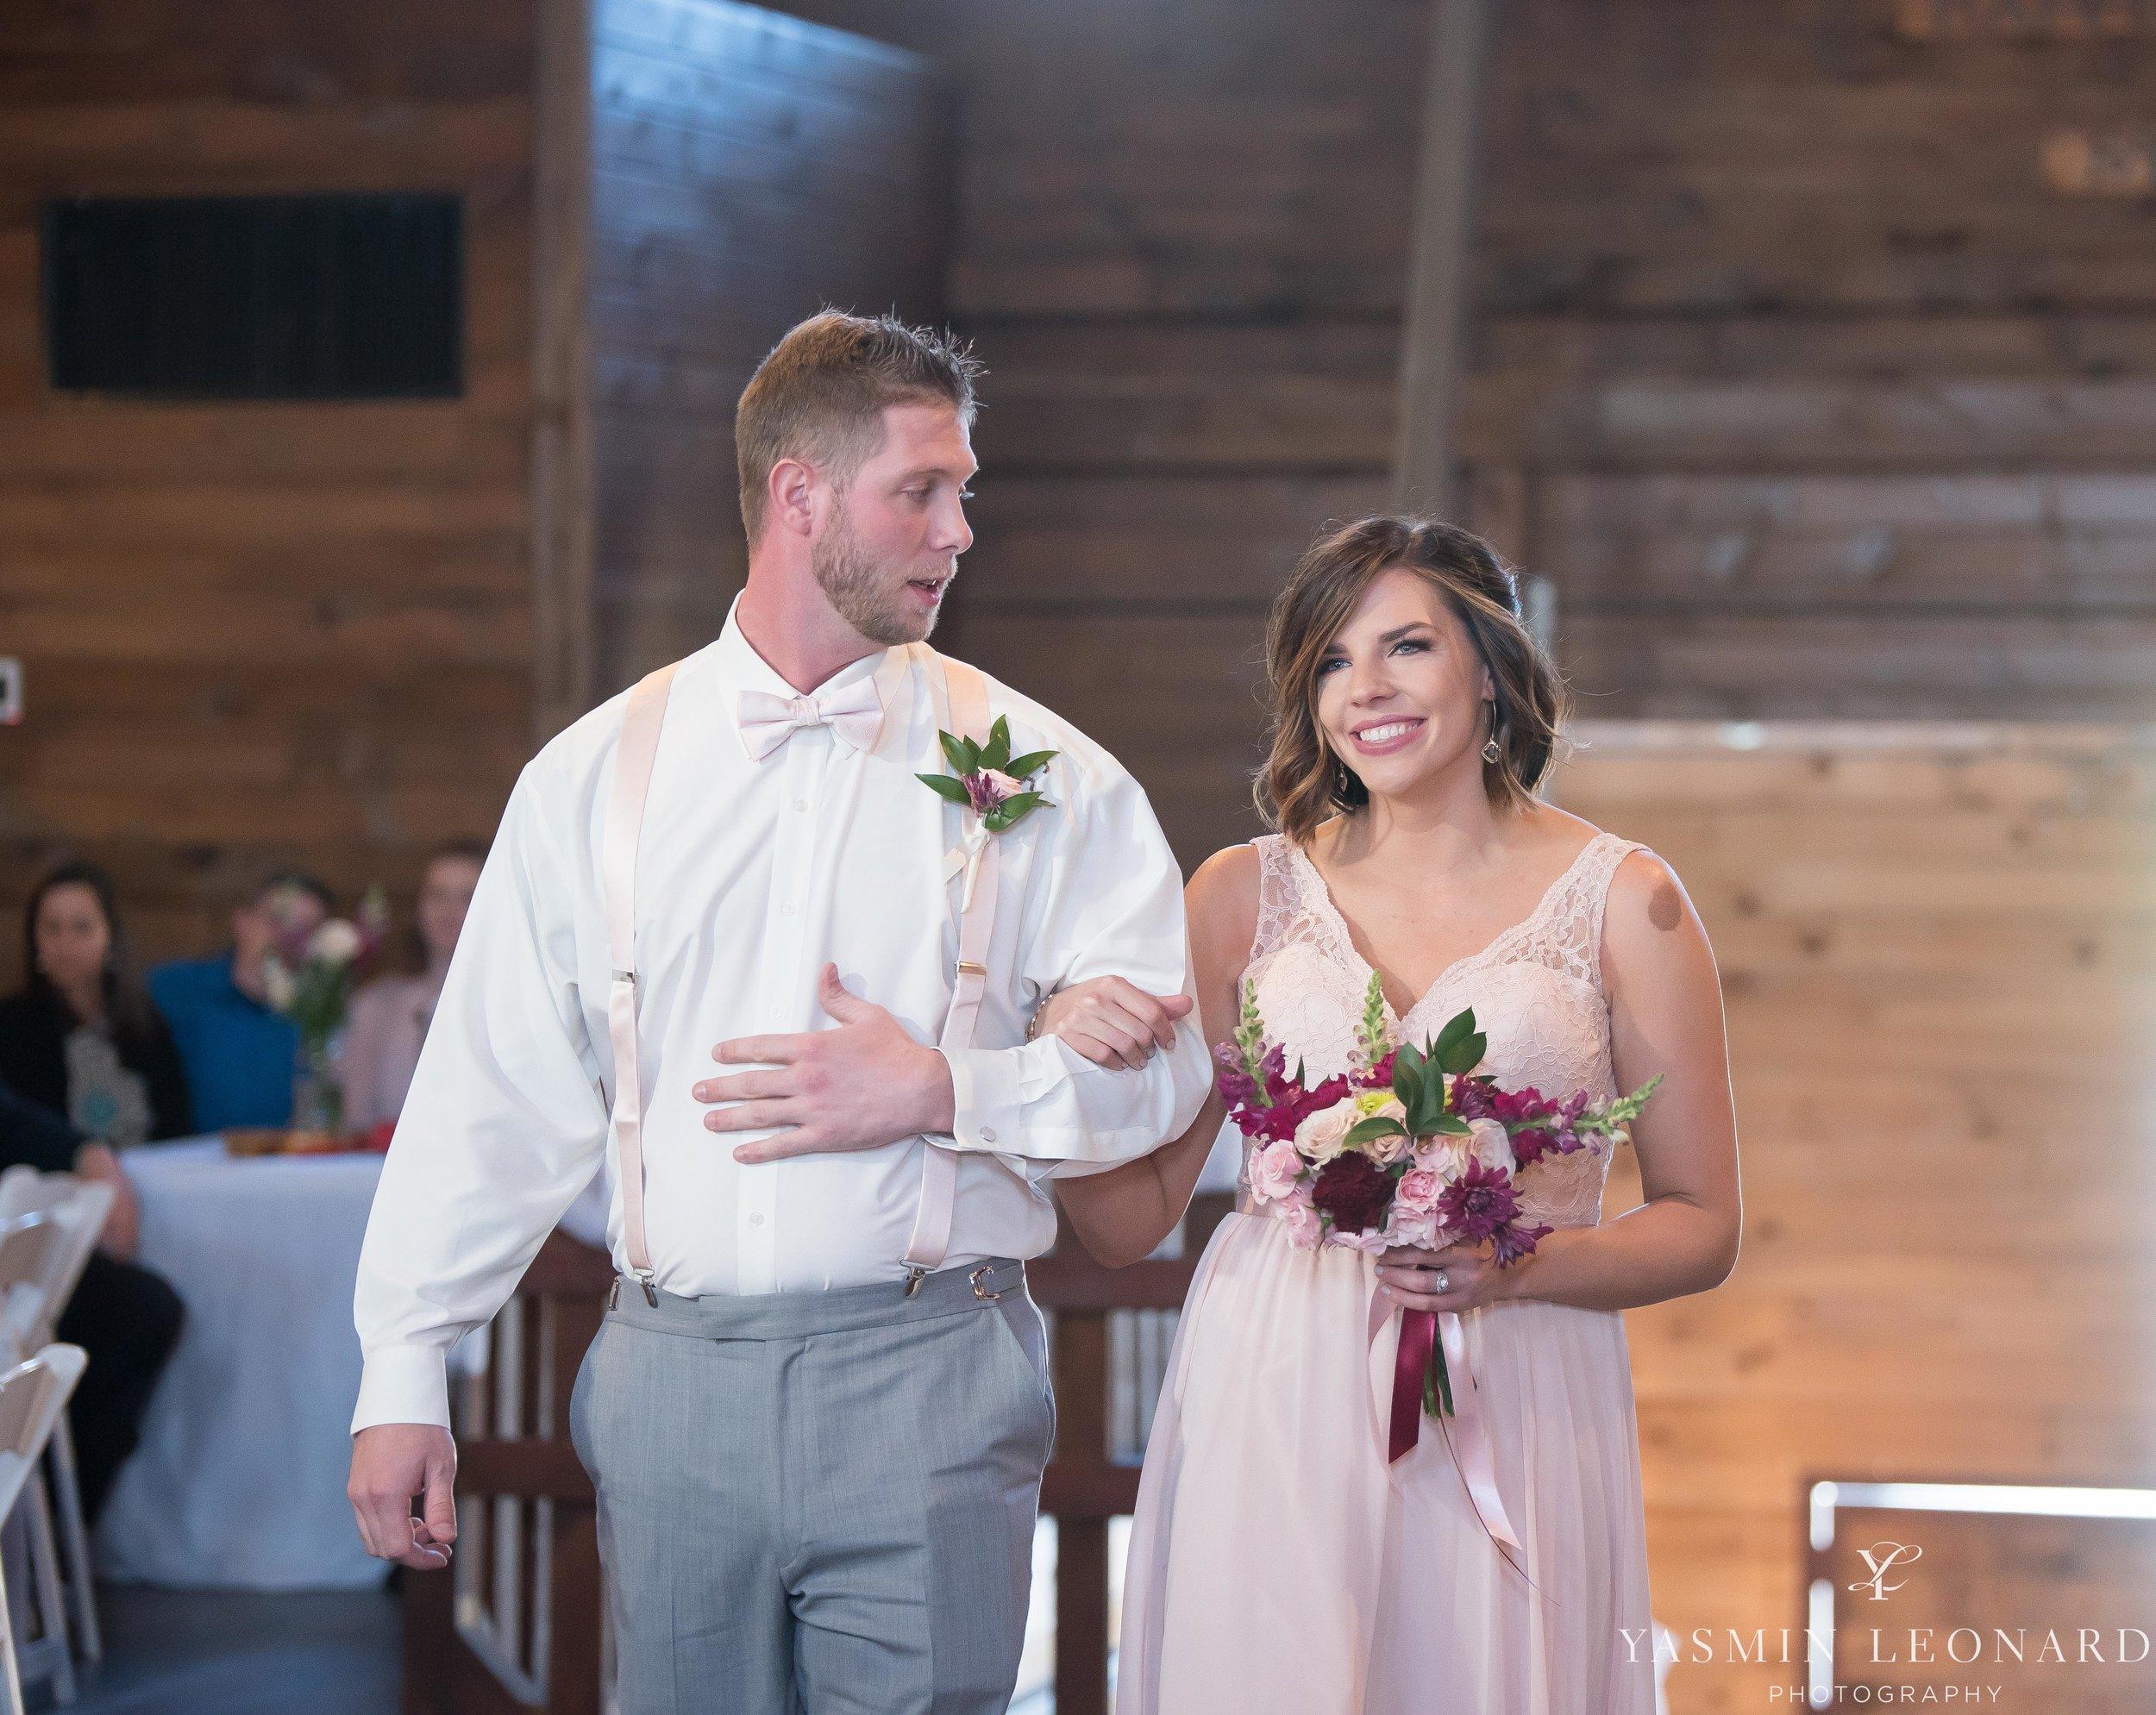 Millikan Farms - Millikan Farms Wedding - Sophia NC Wedding - NC Wedding - NC Wedding Photographer - Yasmin Leonard Photography - High Point Photographer - Barn Wedding - Wedding Venues in NC - Triad Wedding Photographer-34.jpg